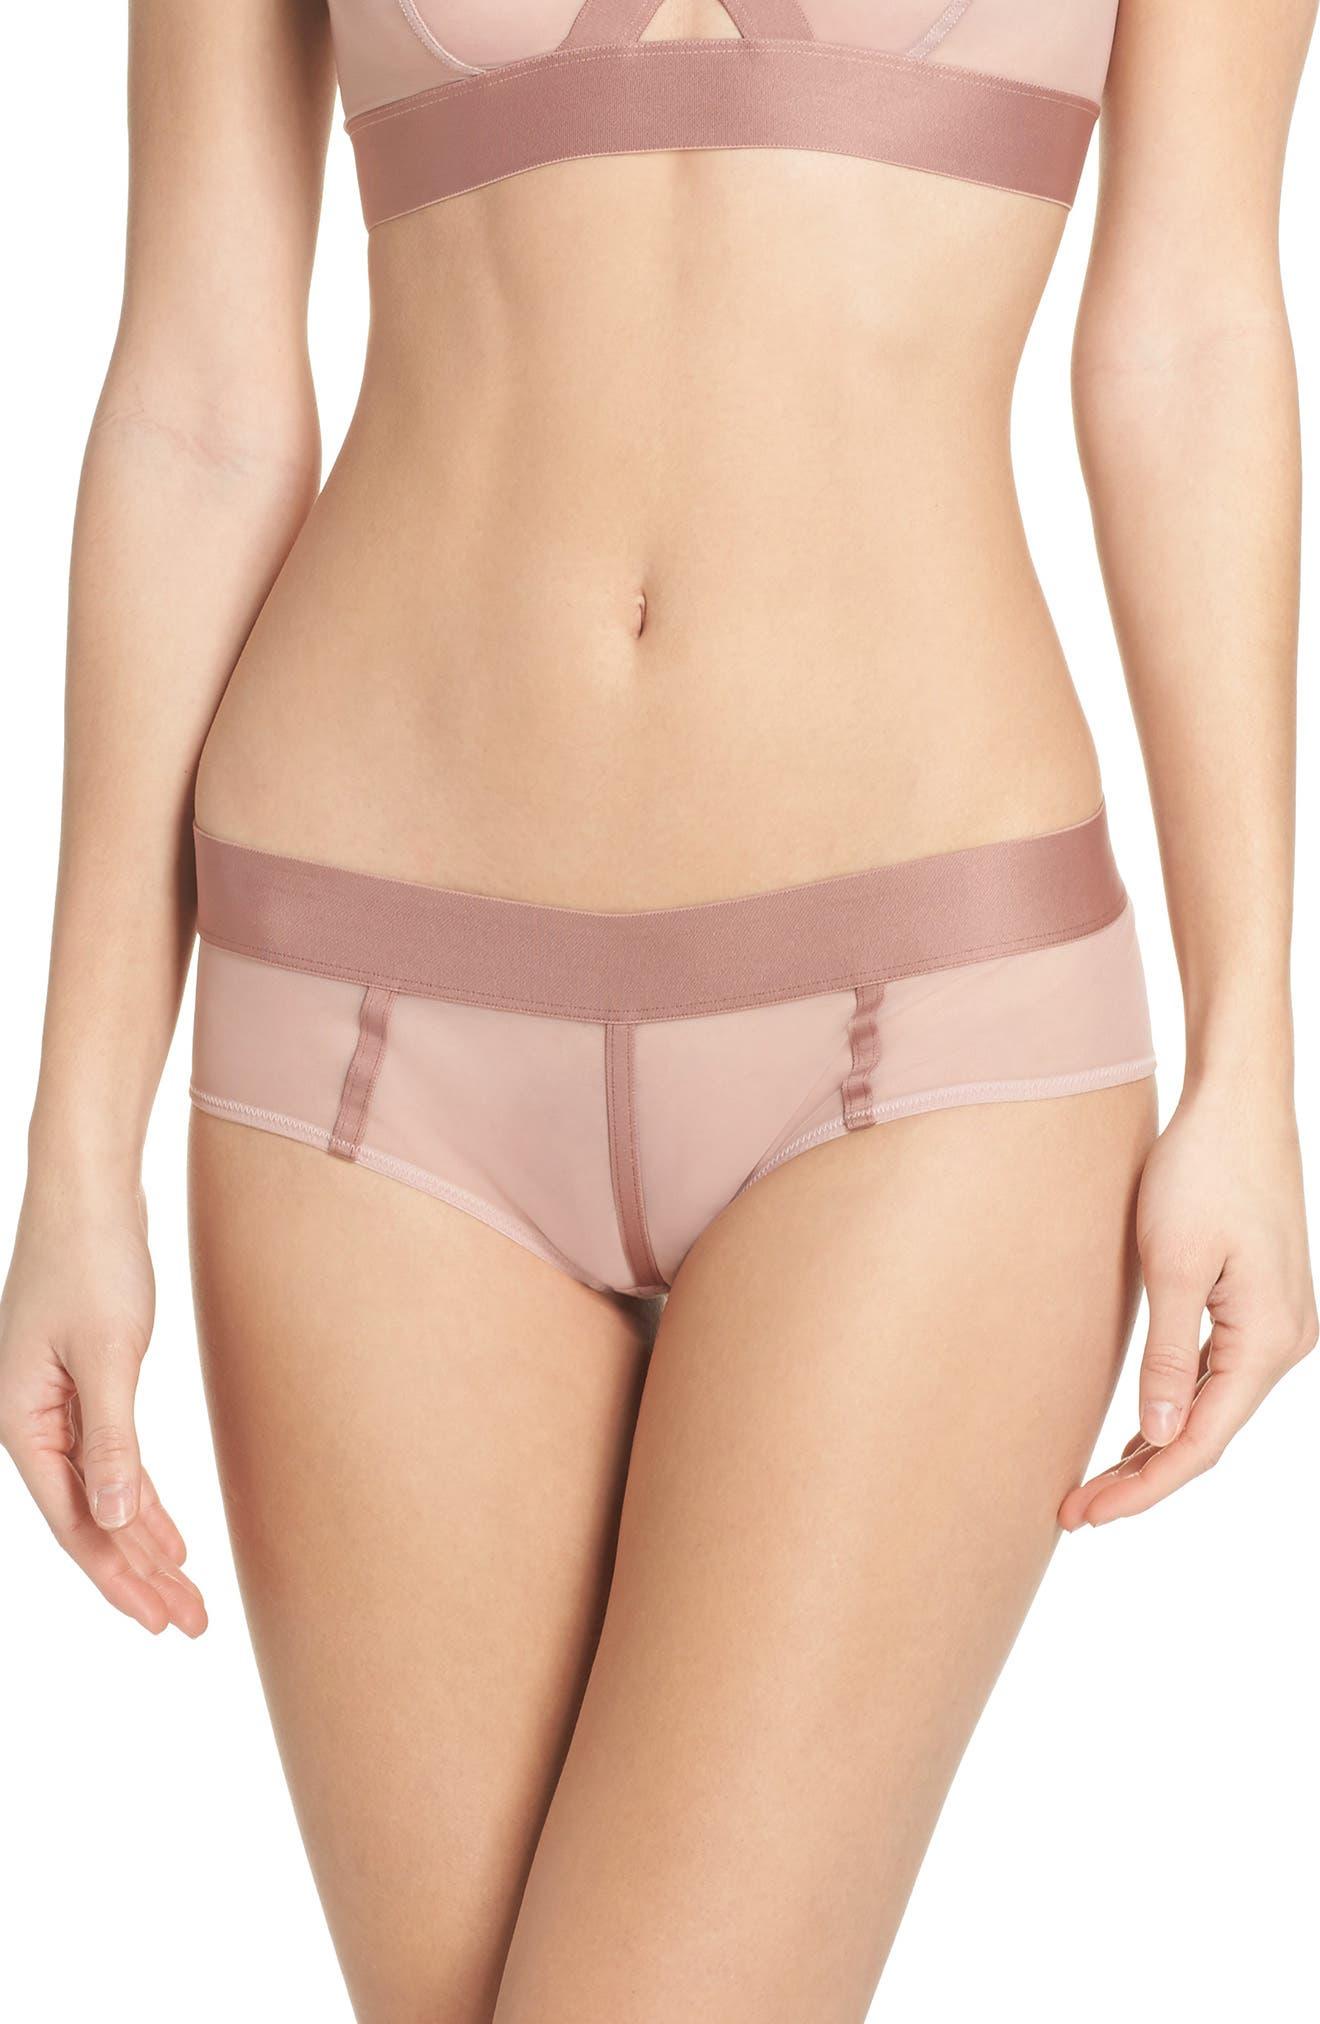 Alternate Image 1 Selected - DKNY Sheers Hipster Panties